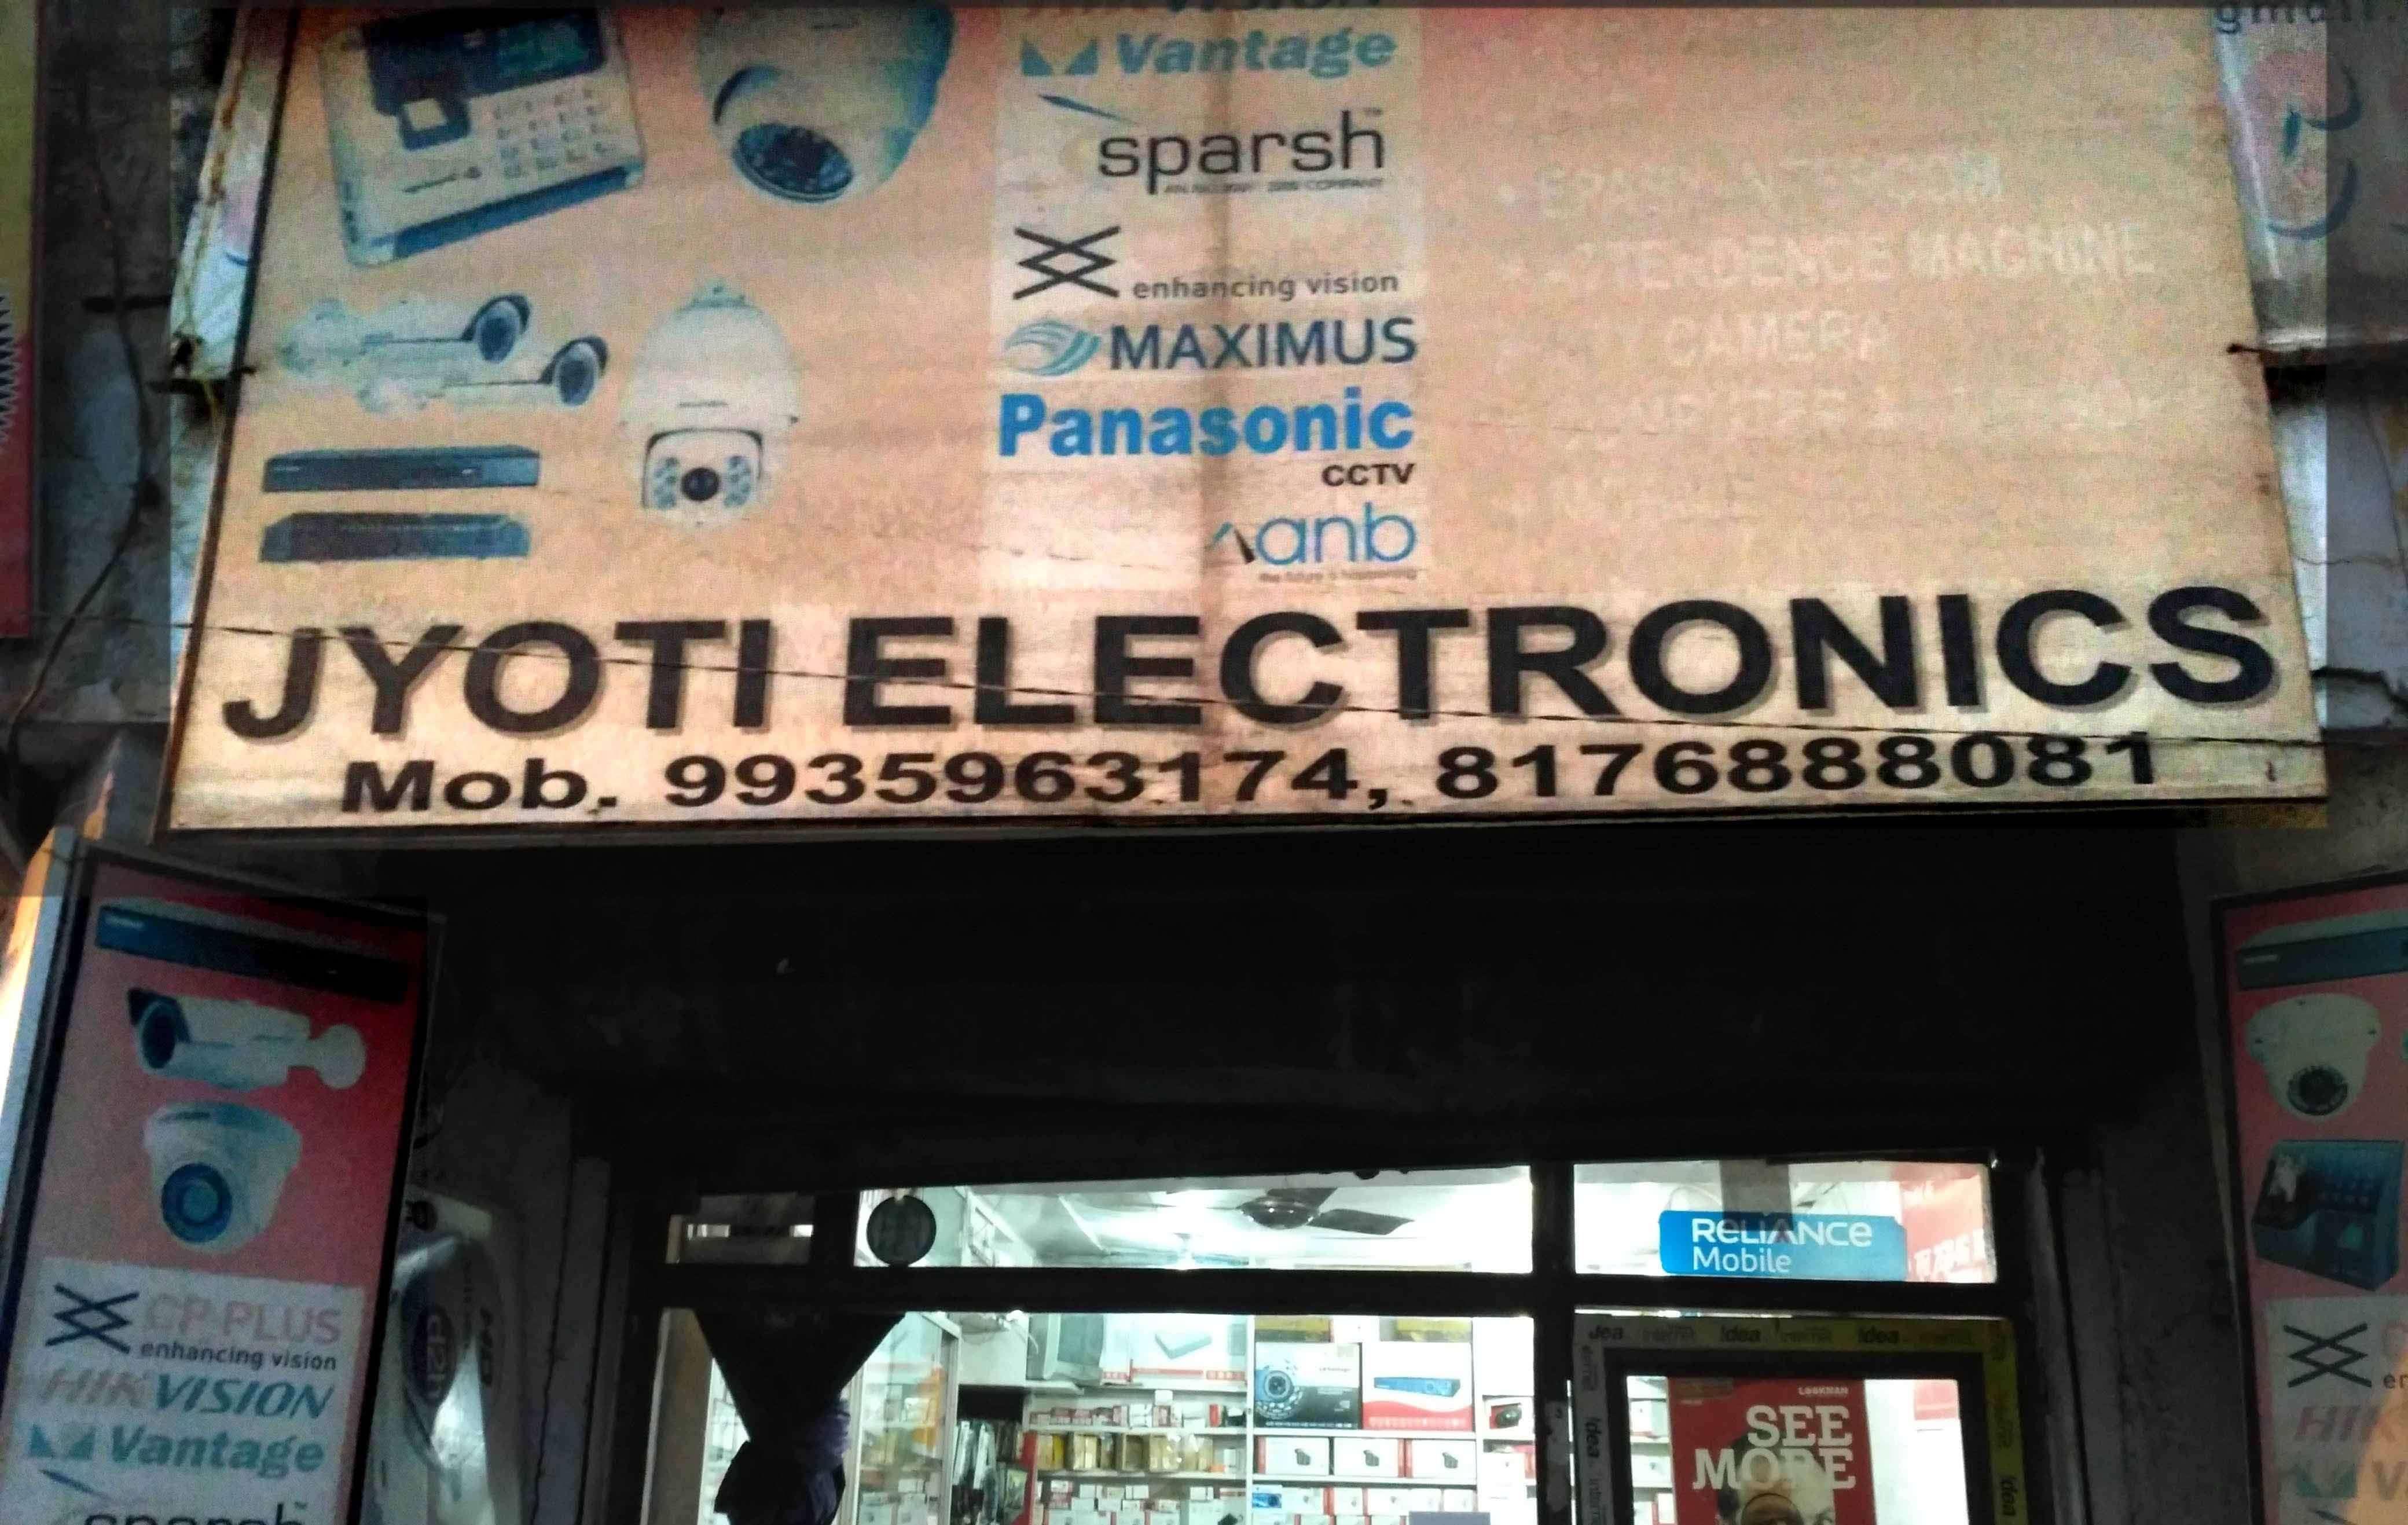 Jyoti Electronics conatct no deals in cctv